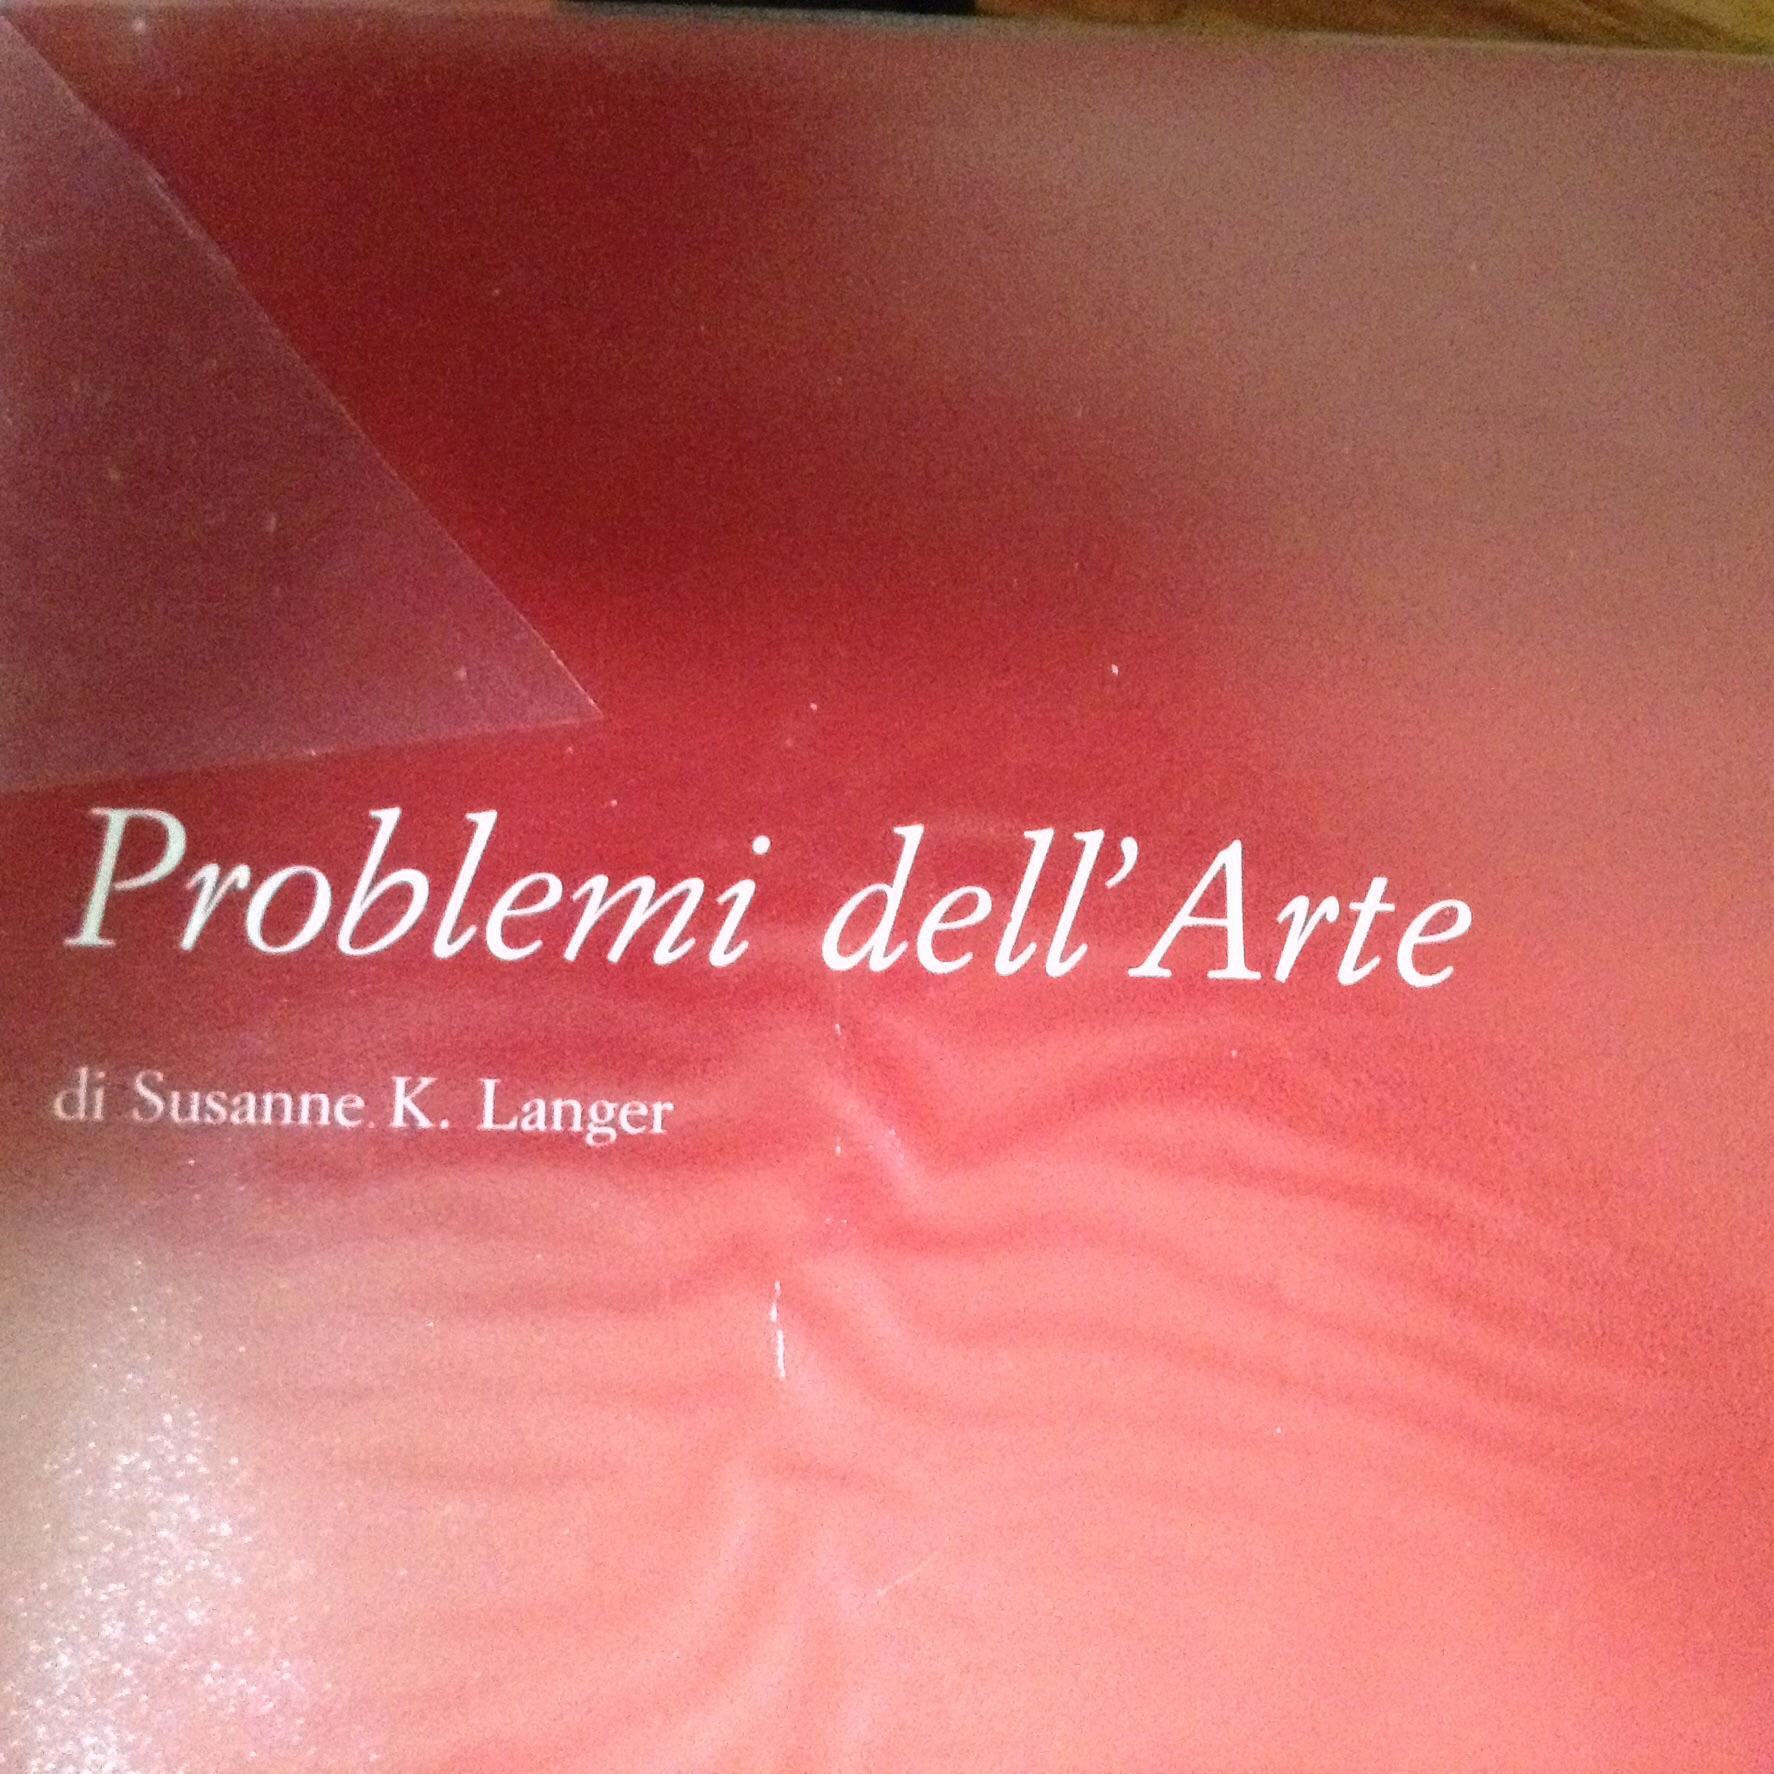 Problemi dell'arte